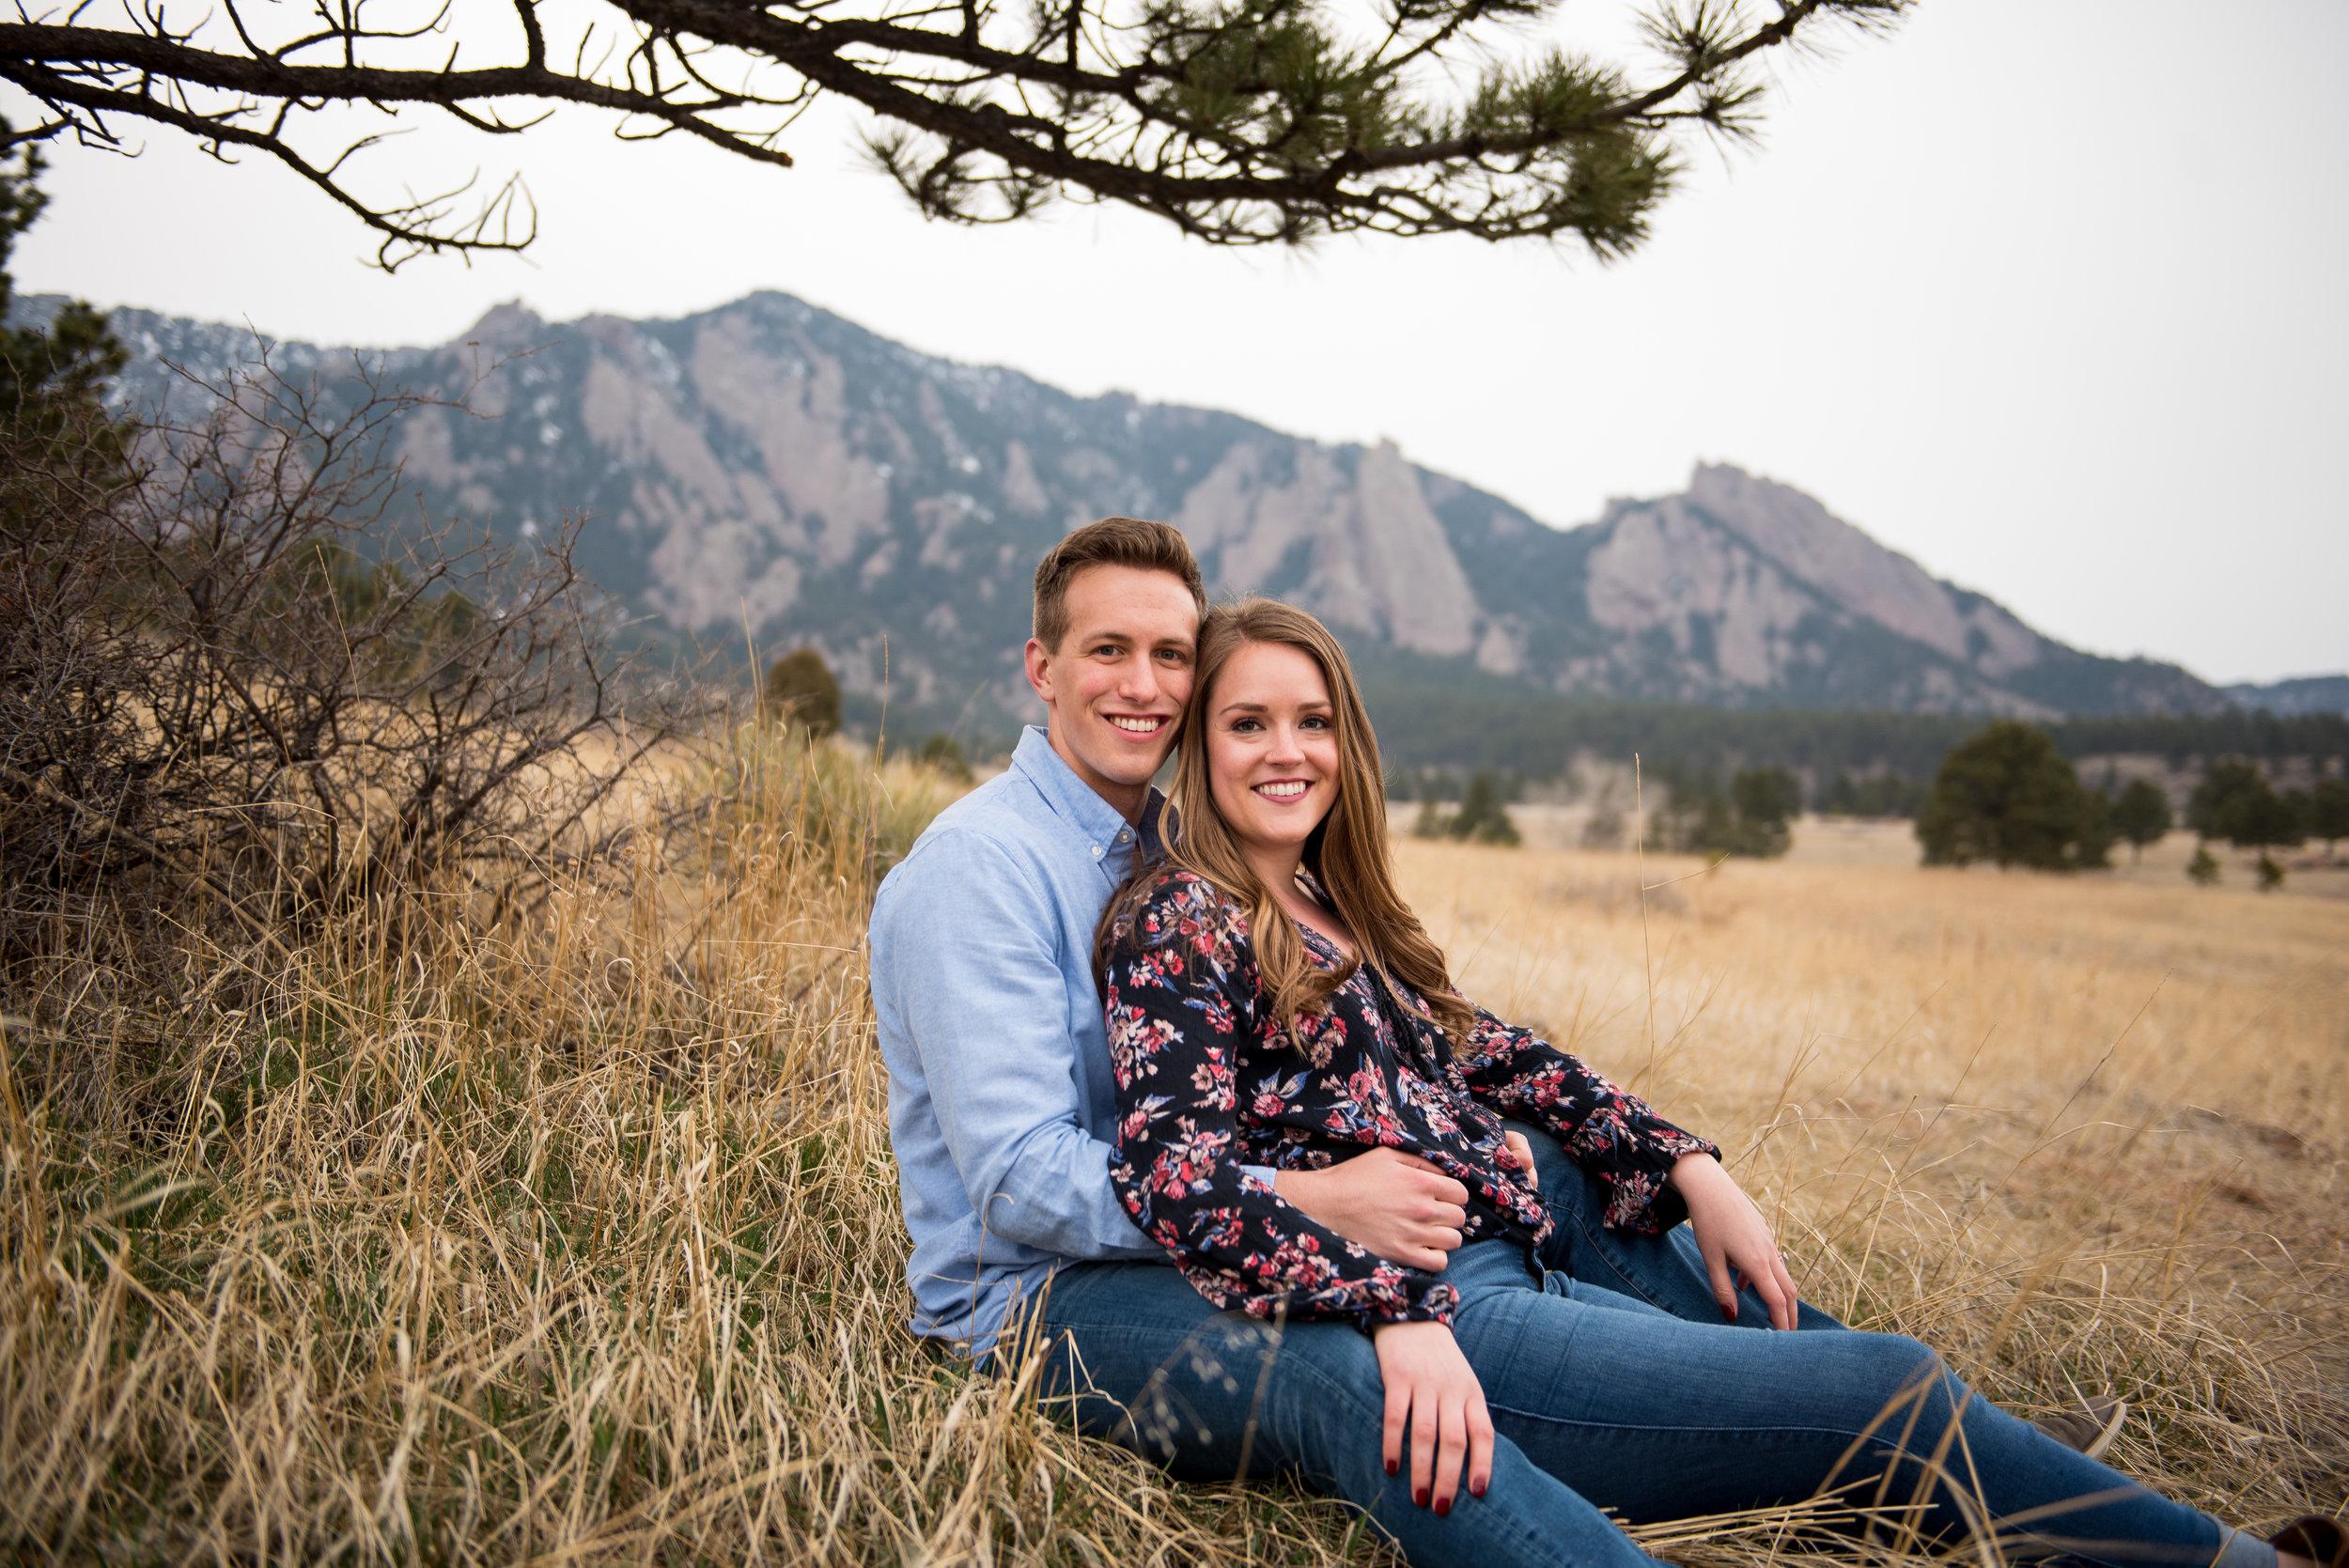 Colorado Engagement Photographer|Jennie Bennett Photography |Sarah and Matt-39.jpg